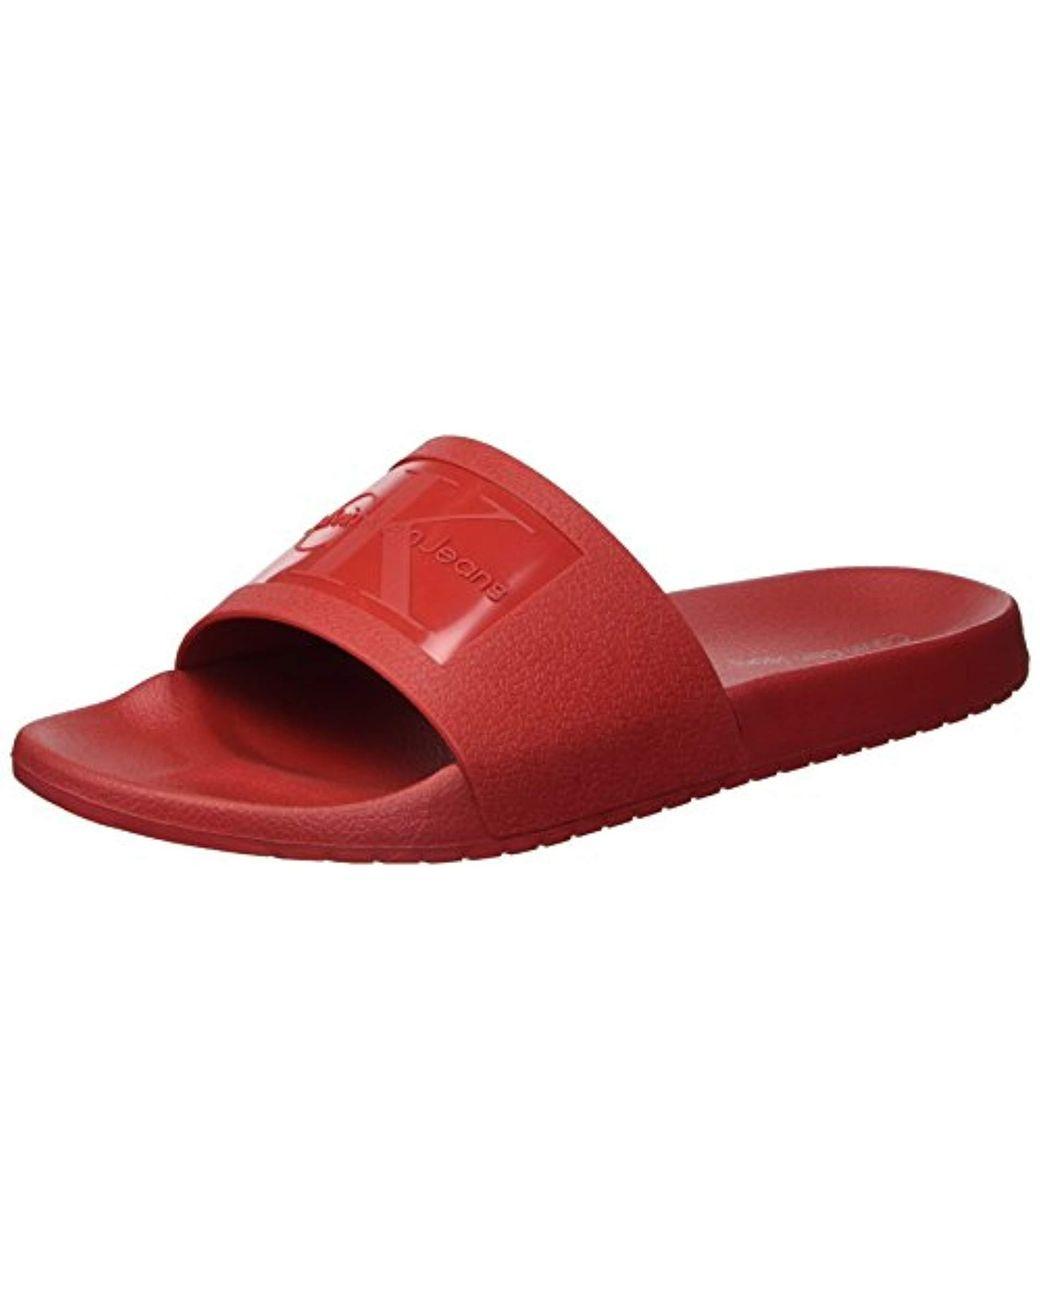 8b8f522e6941c Men's Red Vincenzo Jelly Slide Sandal